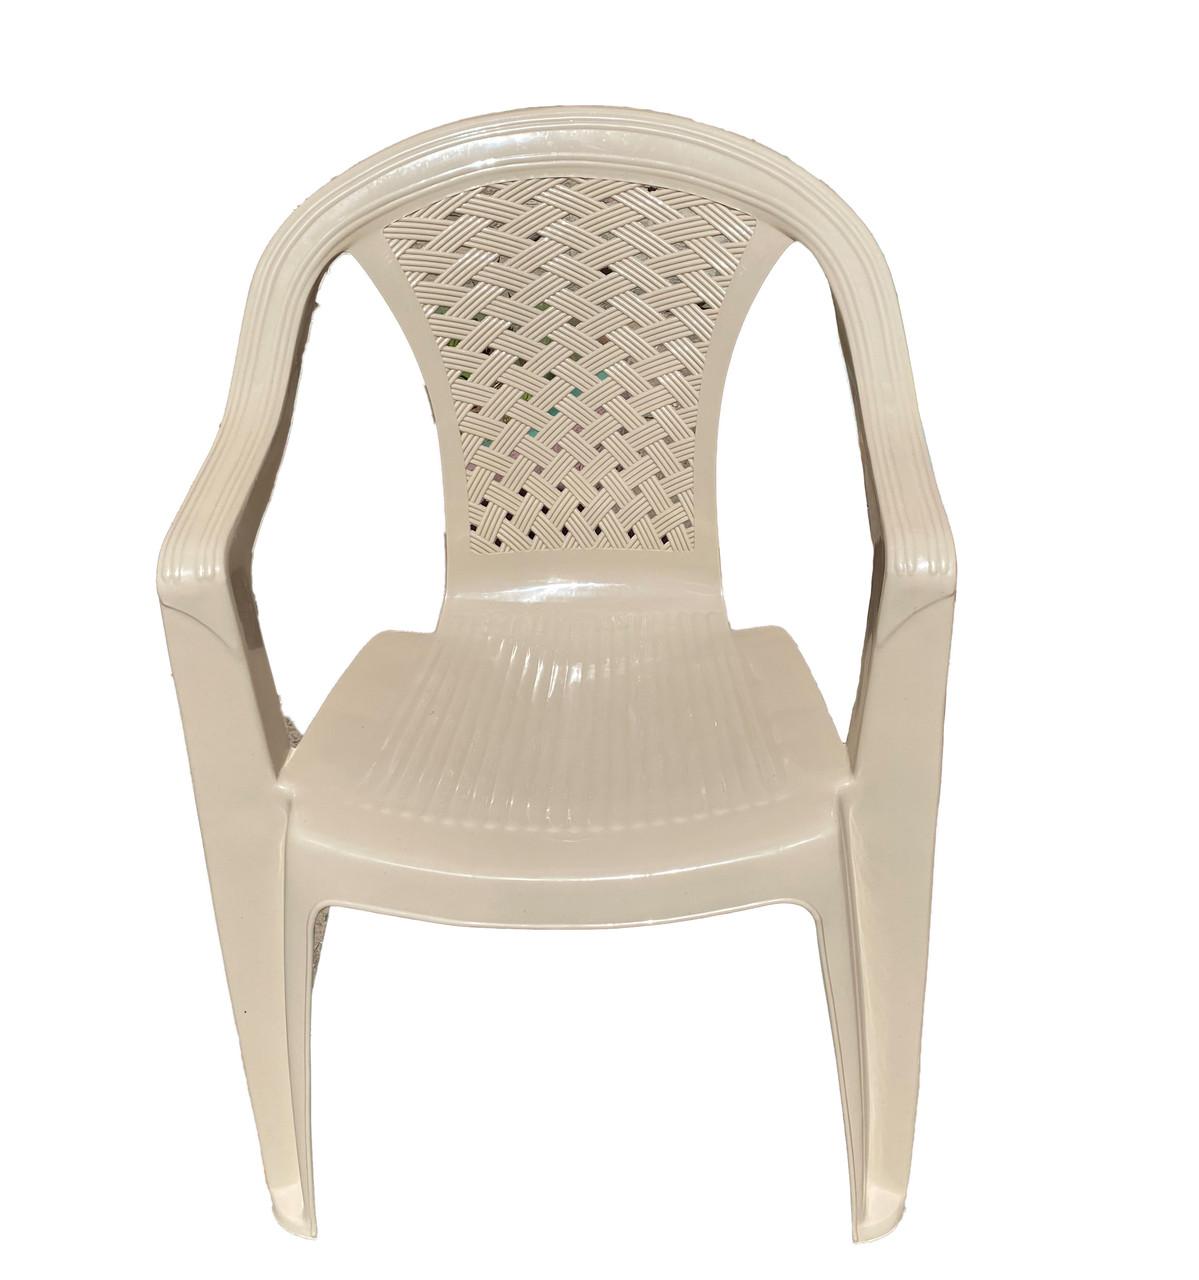 Крісло садове пластмасове, АКЦІЙНЕ, 560х555х805мм